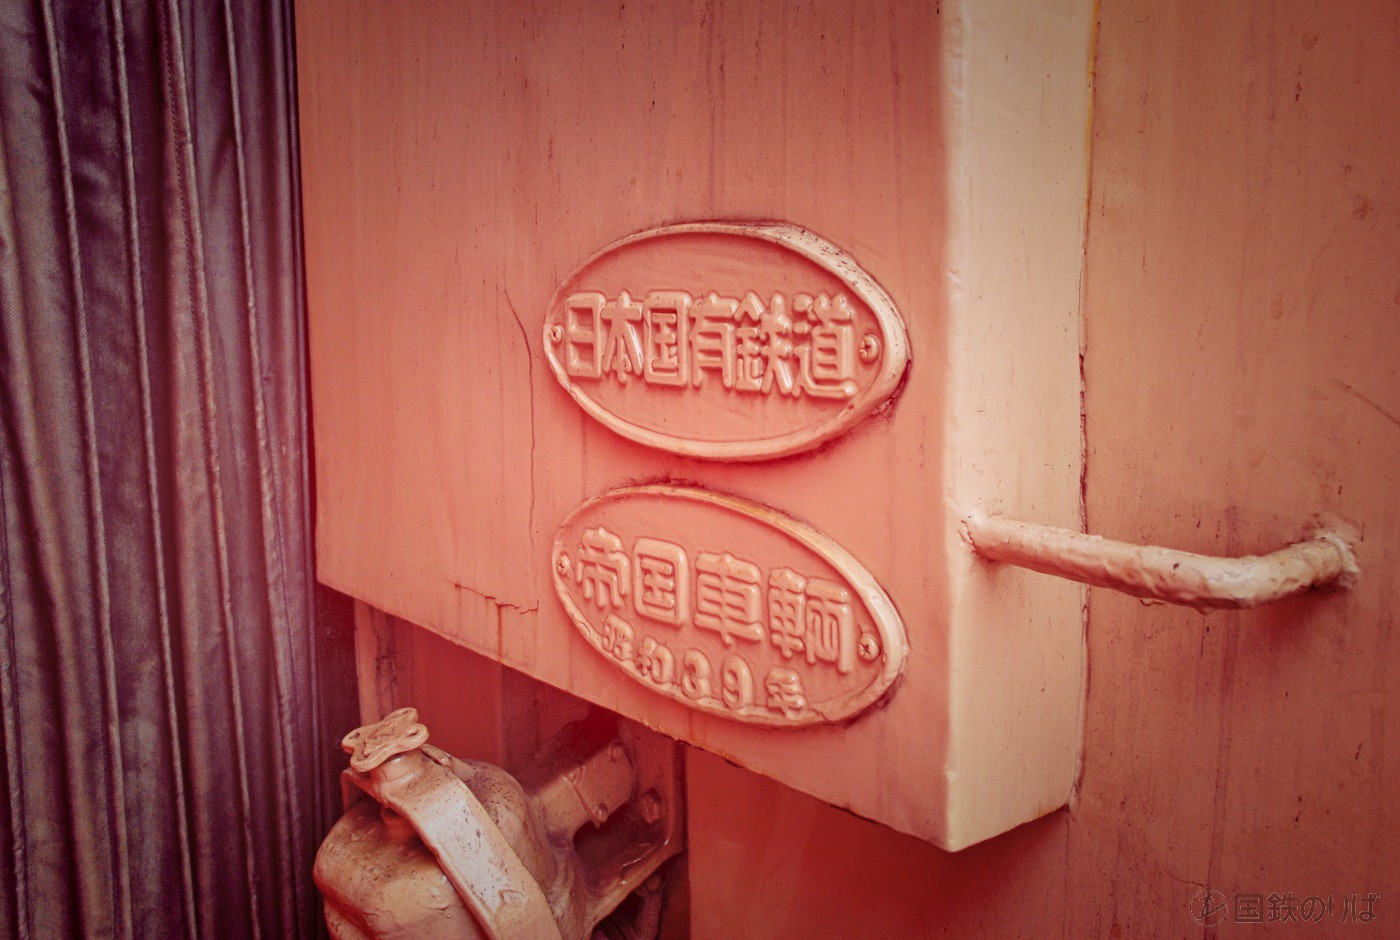 「日本国有鉄道」そして「帝国車両・昭和39年」の製造銘板。